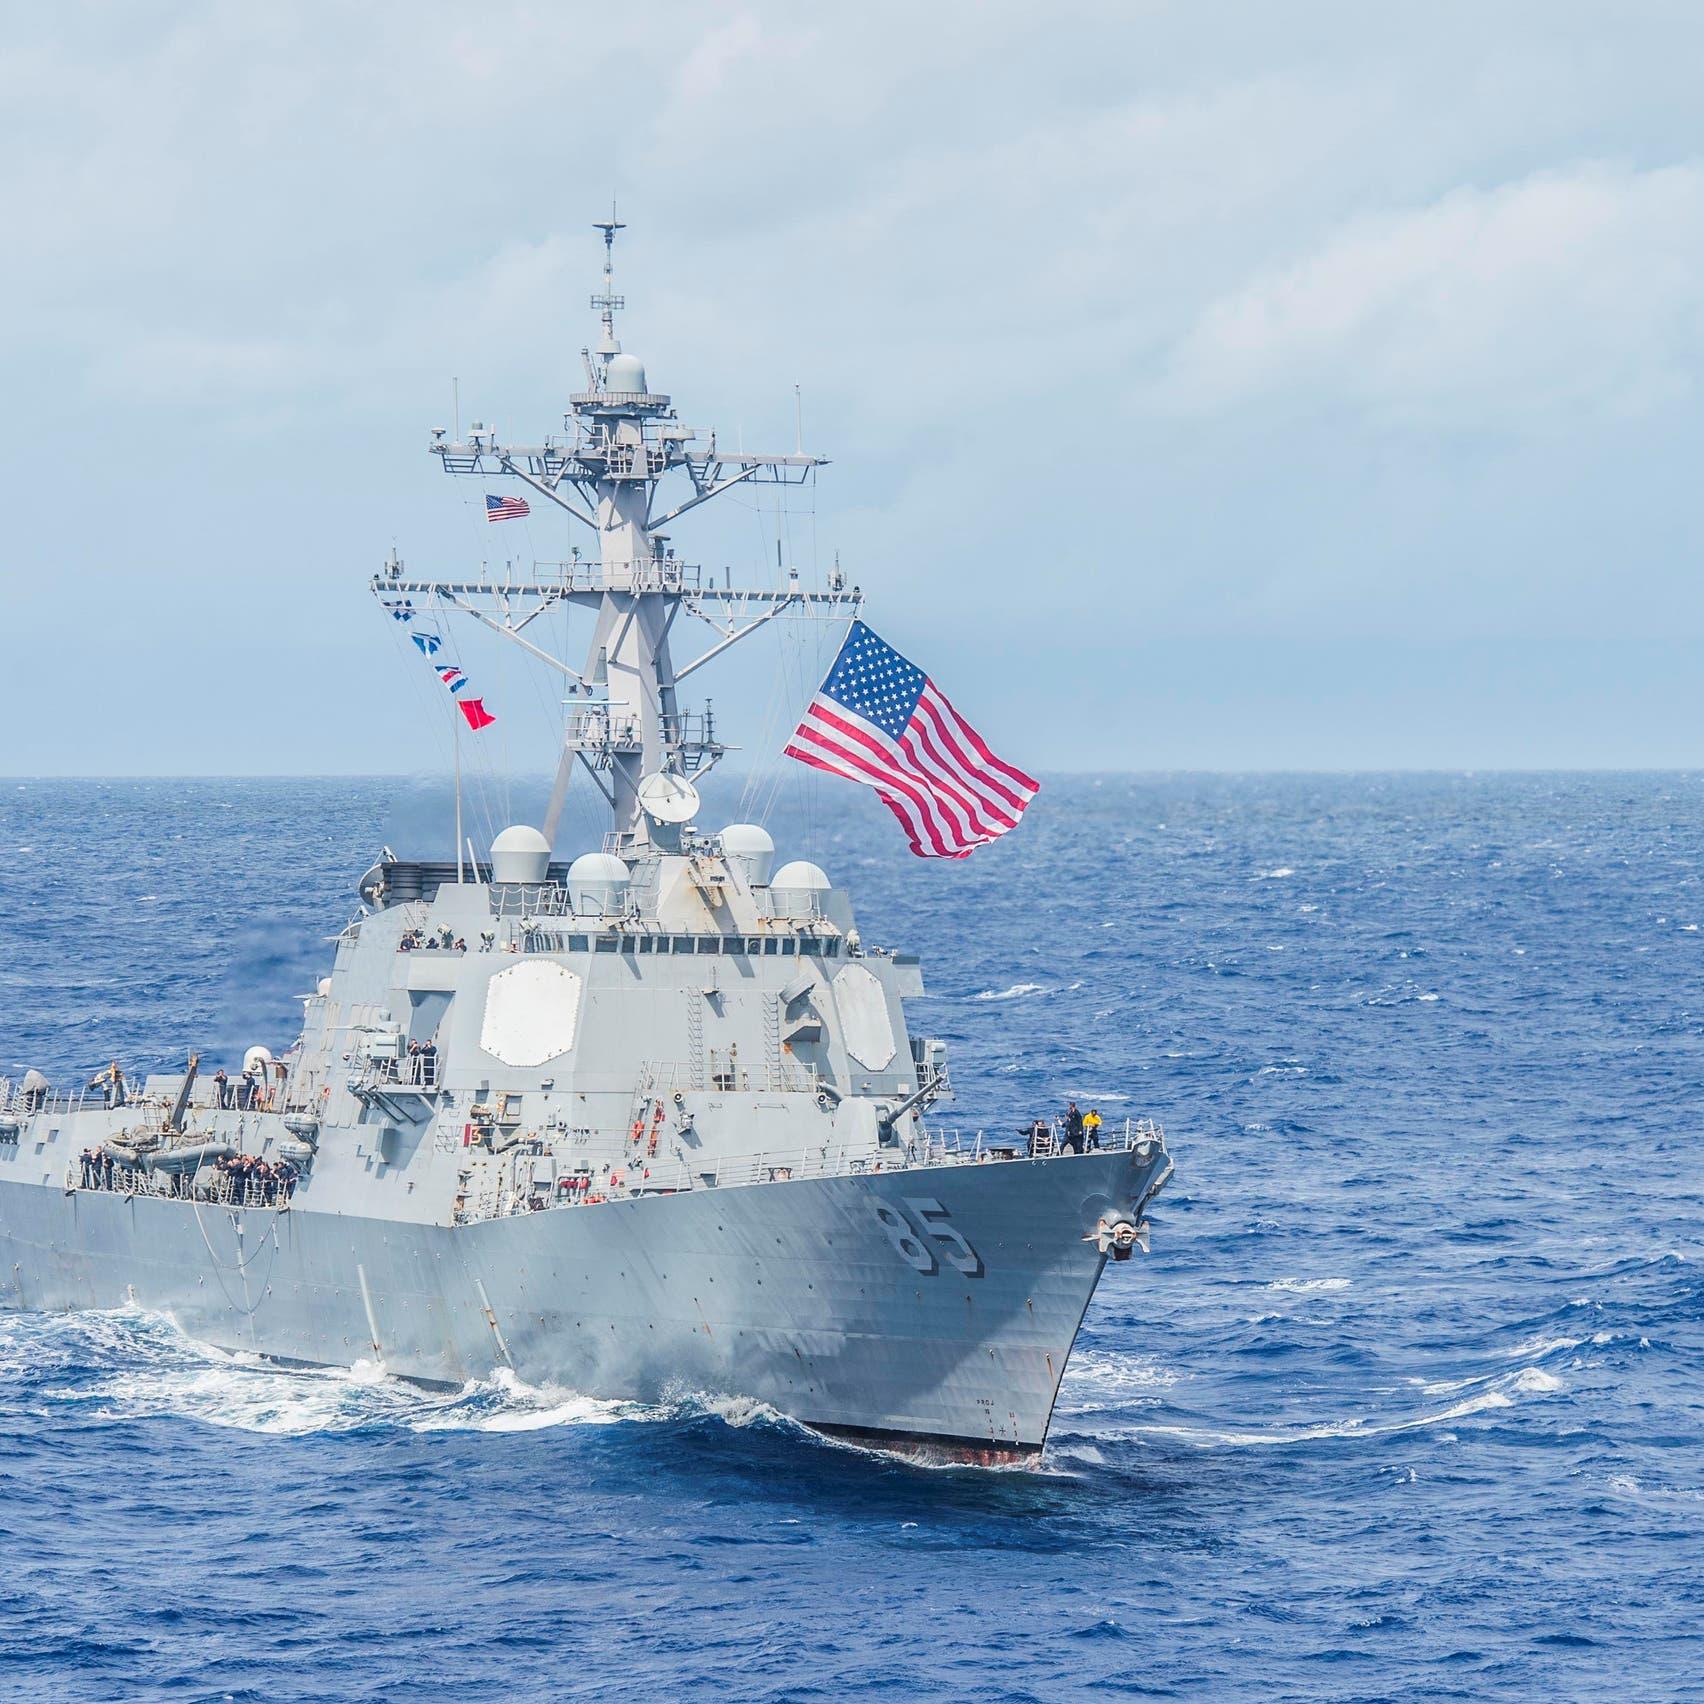 بعد تحذير ترمب لإيران.. بحرية أميركا: ابتعدوا عن سفننا